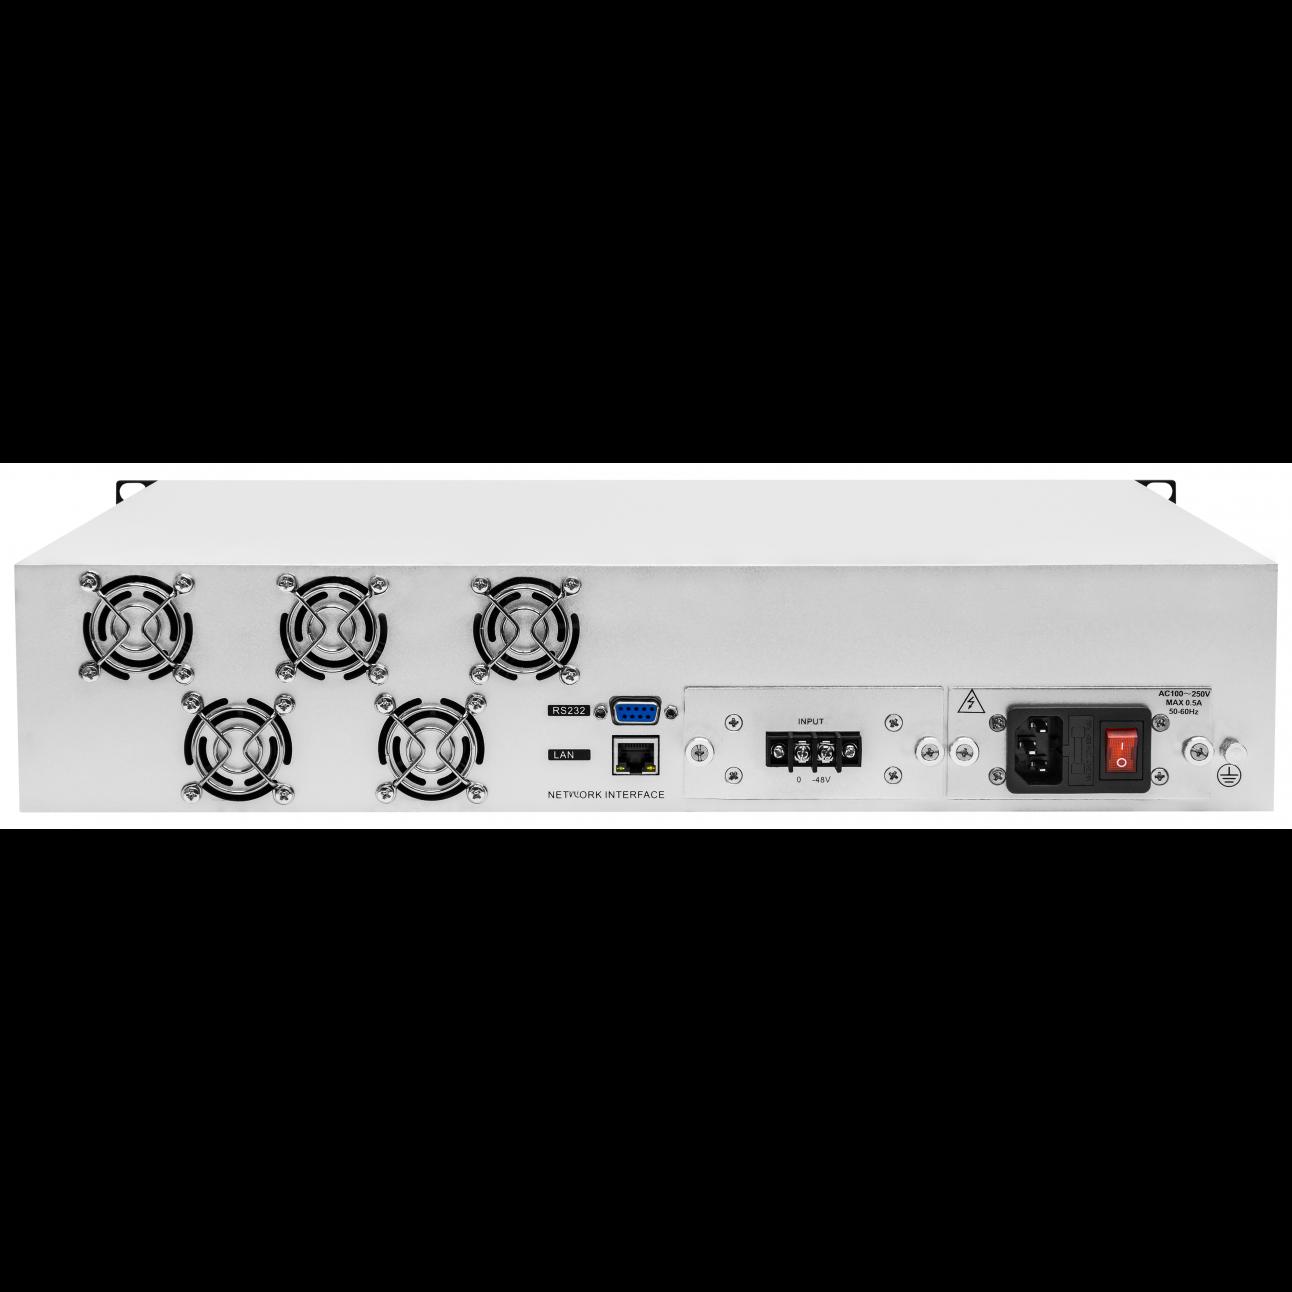 Оптический усилитель VERMAX для сетей КТВ, 2 входа, 16*17dBm выходов